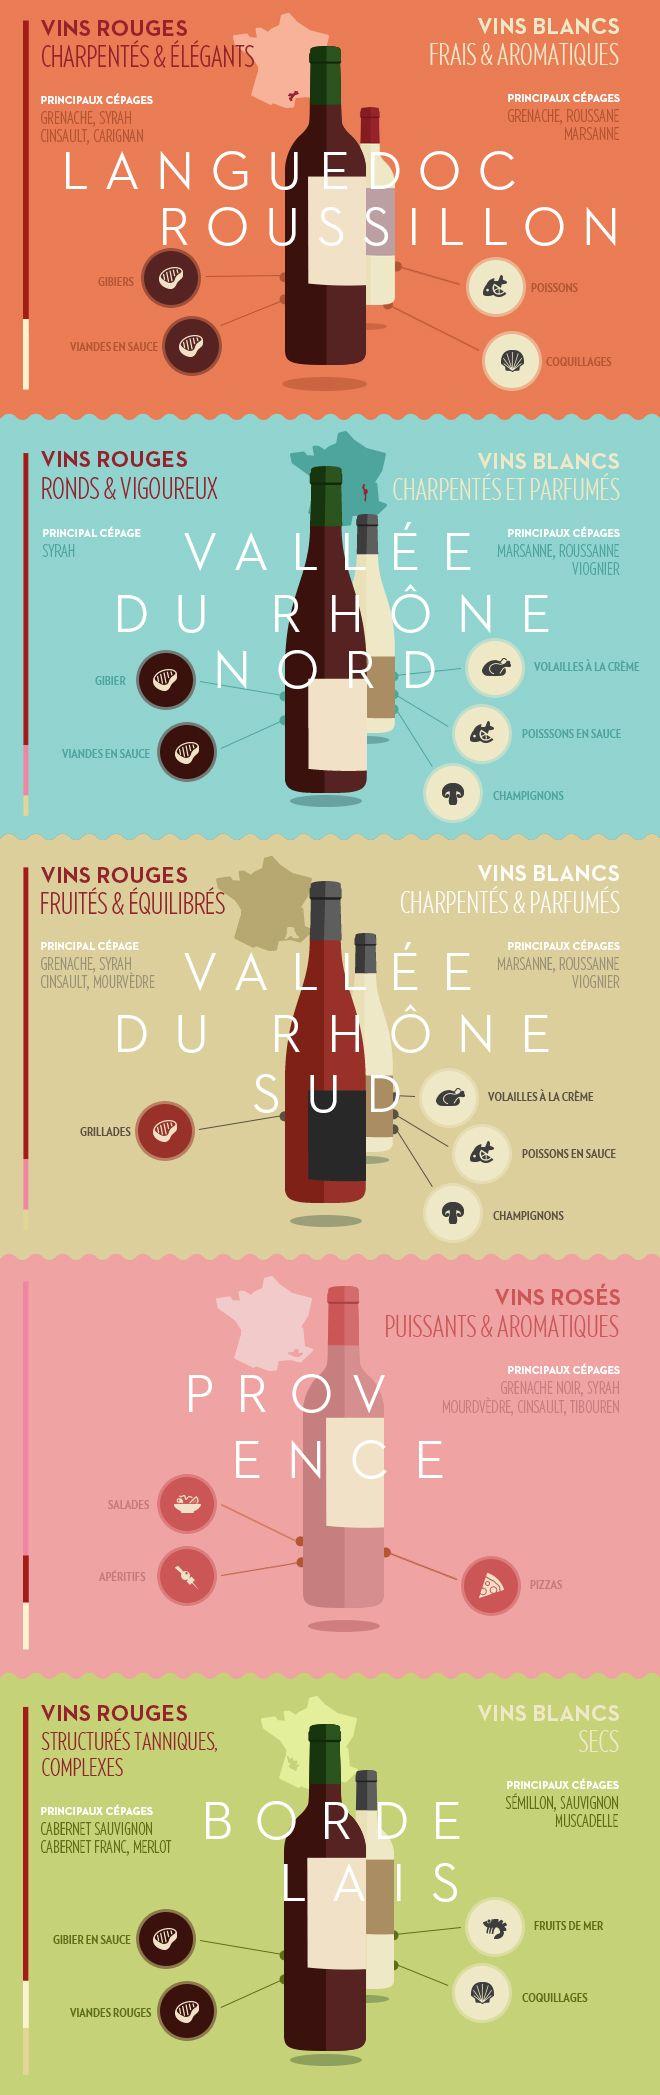 Accords mets et vins, spécificités des vignobles du Sud de la France. Infographie.